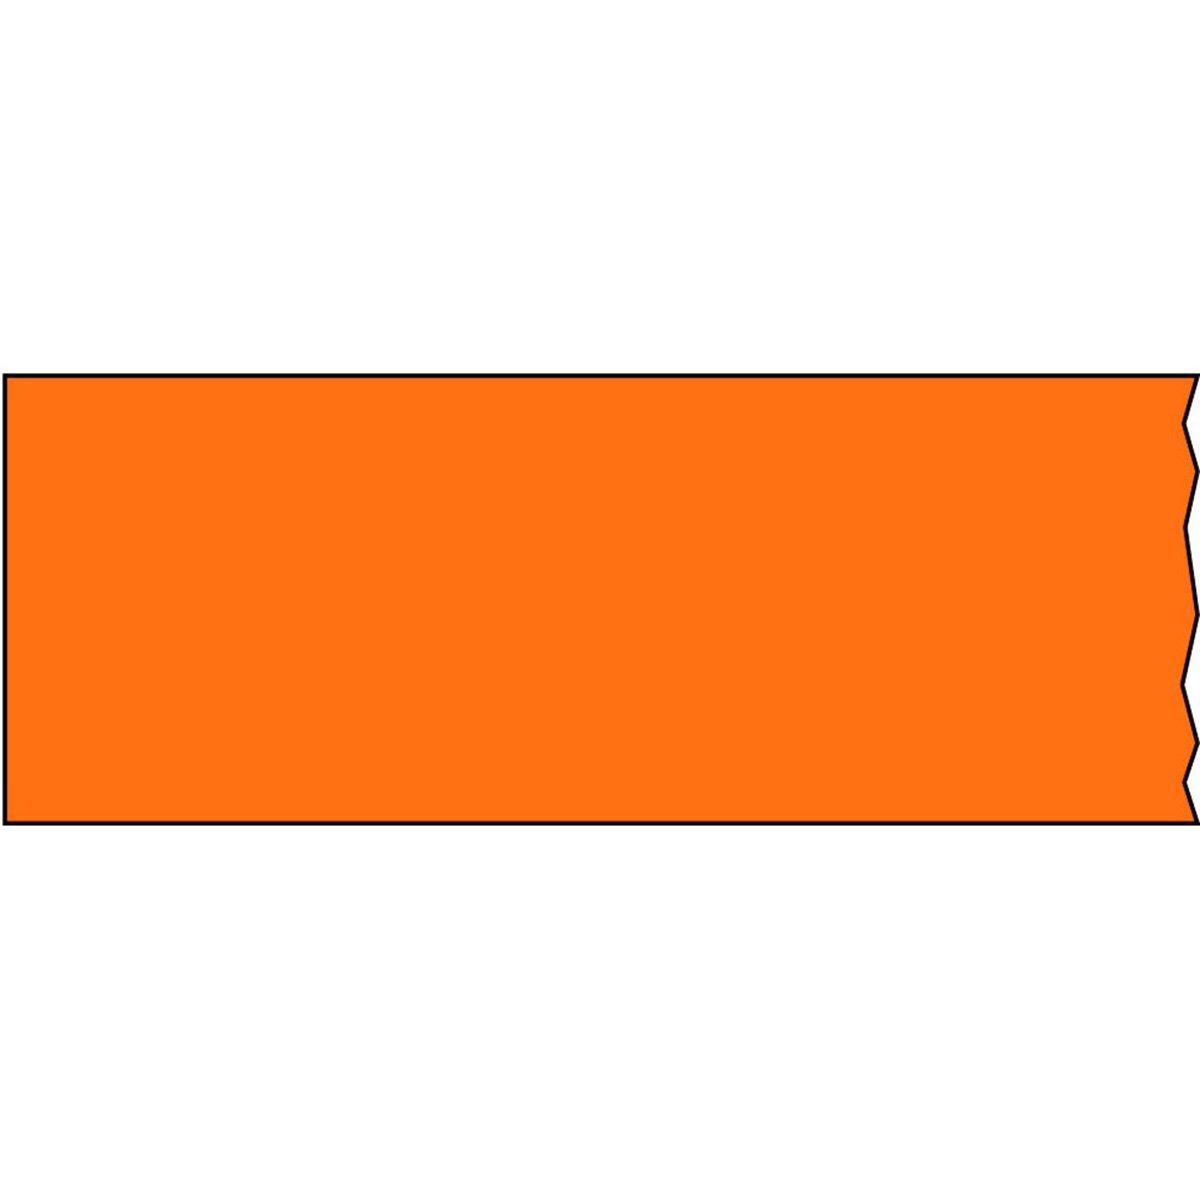 TIMETAPE T-5112-6 Tape, Removable, 1